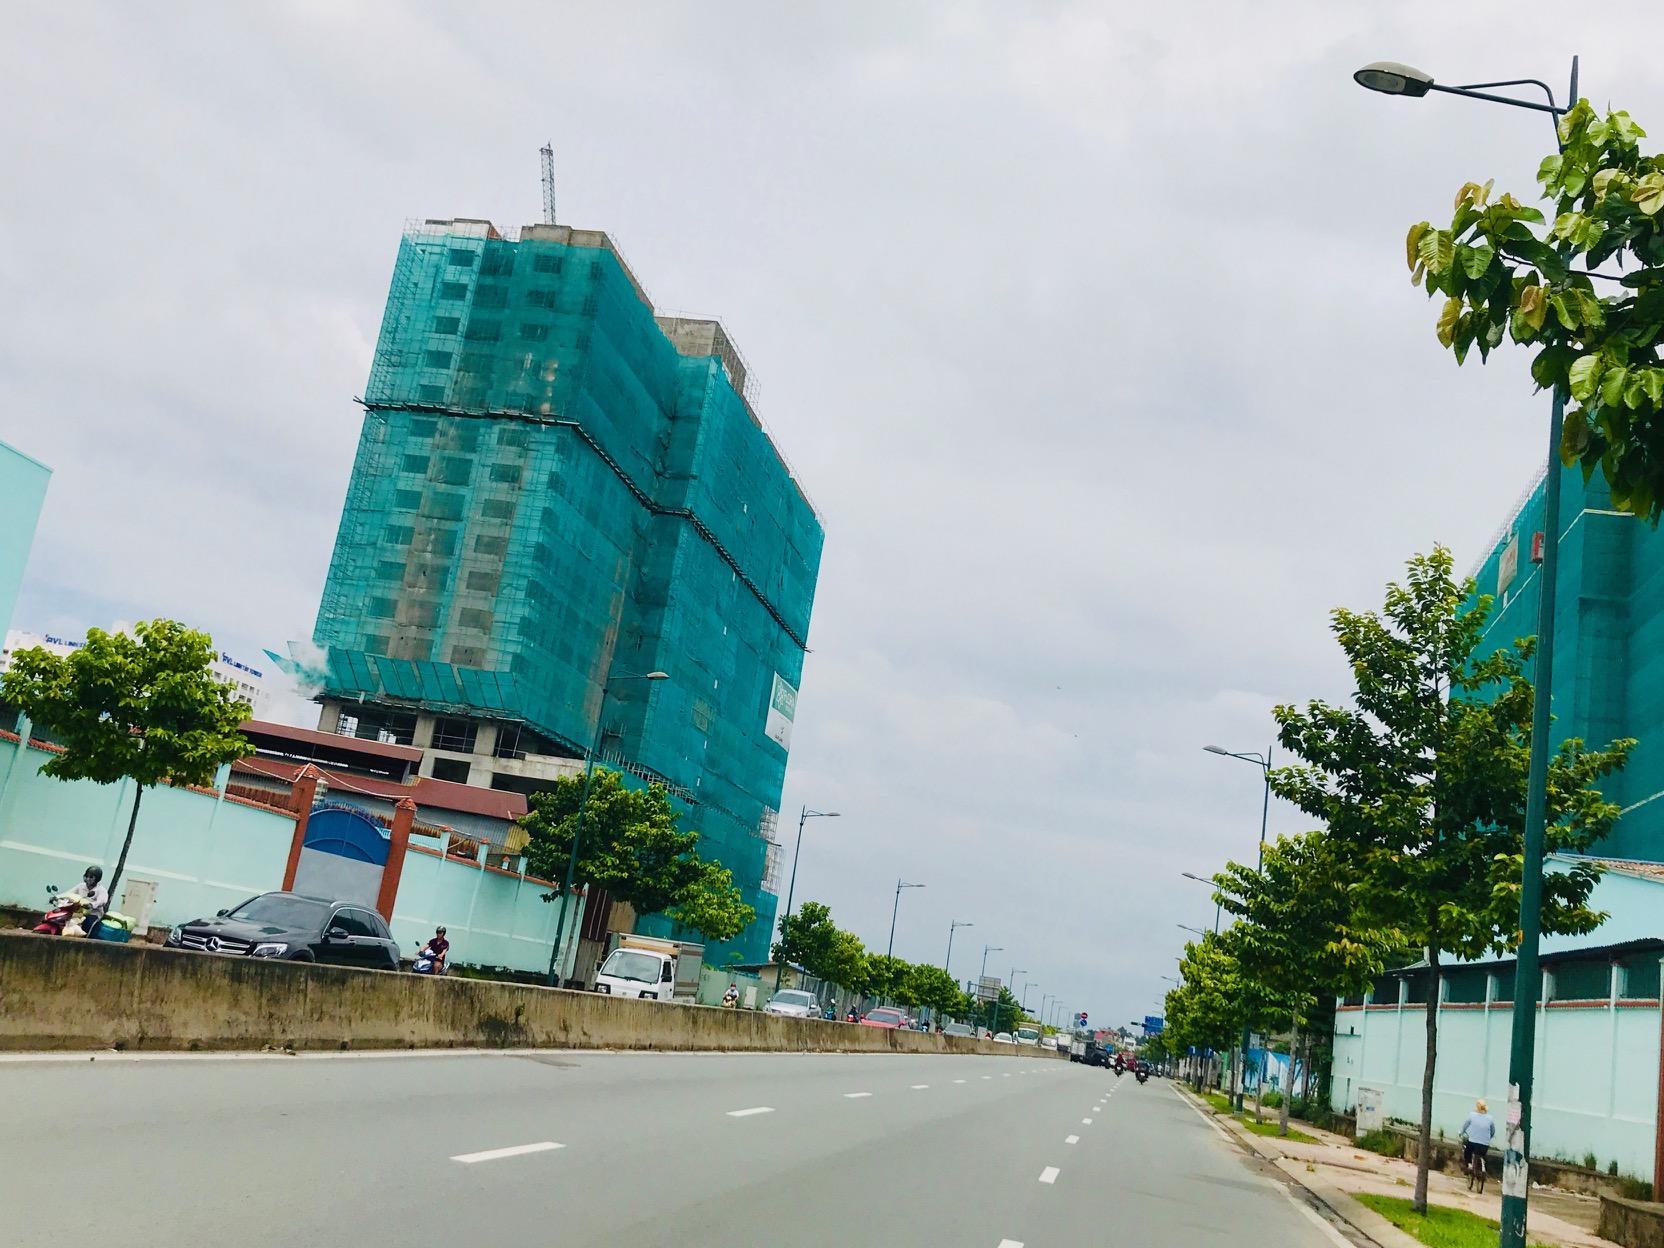 Làn sóng tăng giá ngầm căn hộ hoàn thiện tại TP.HCM - Ảnh 2